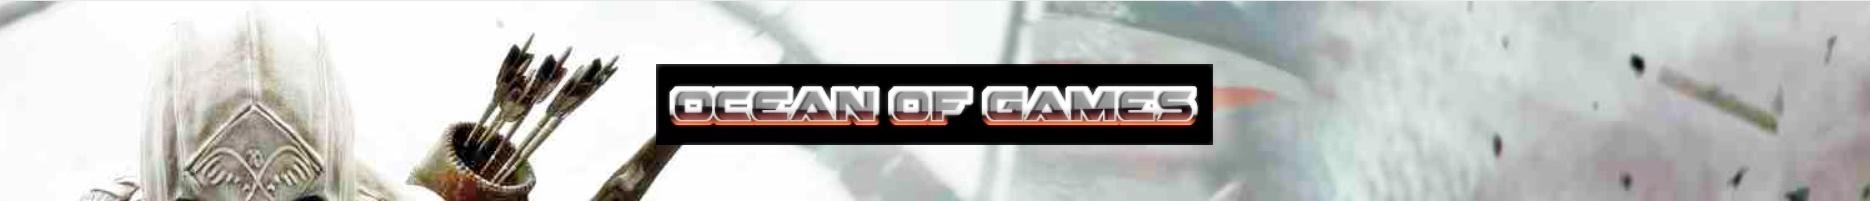 Ocean of Games 2020